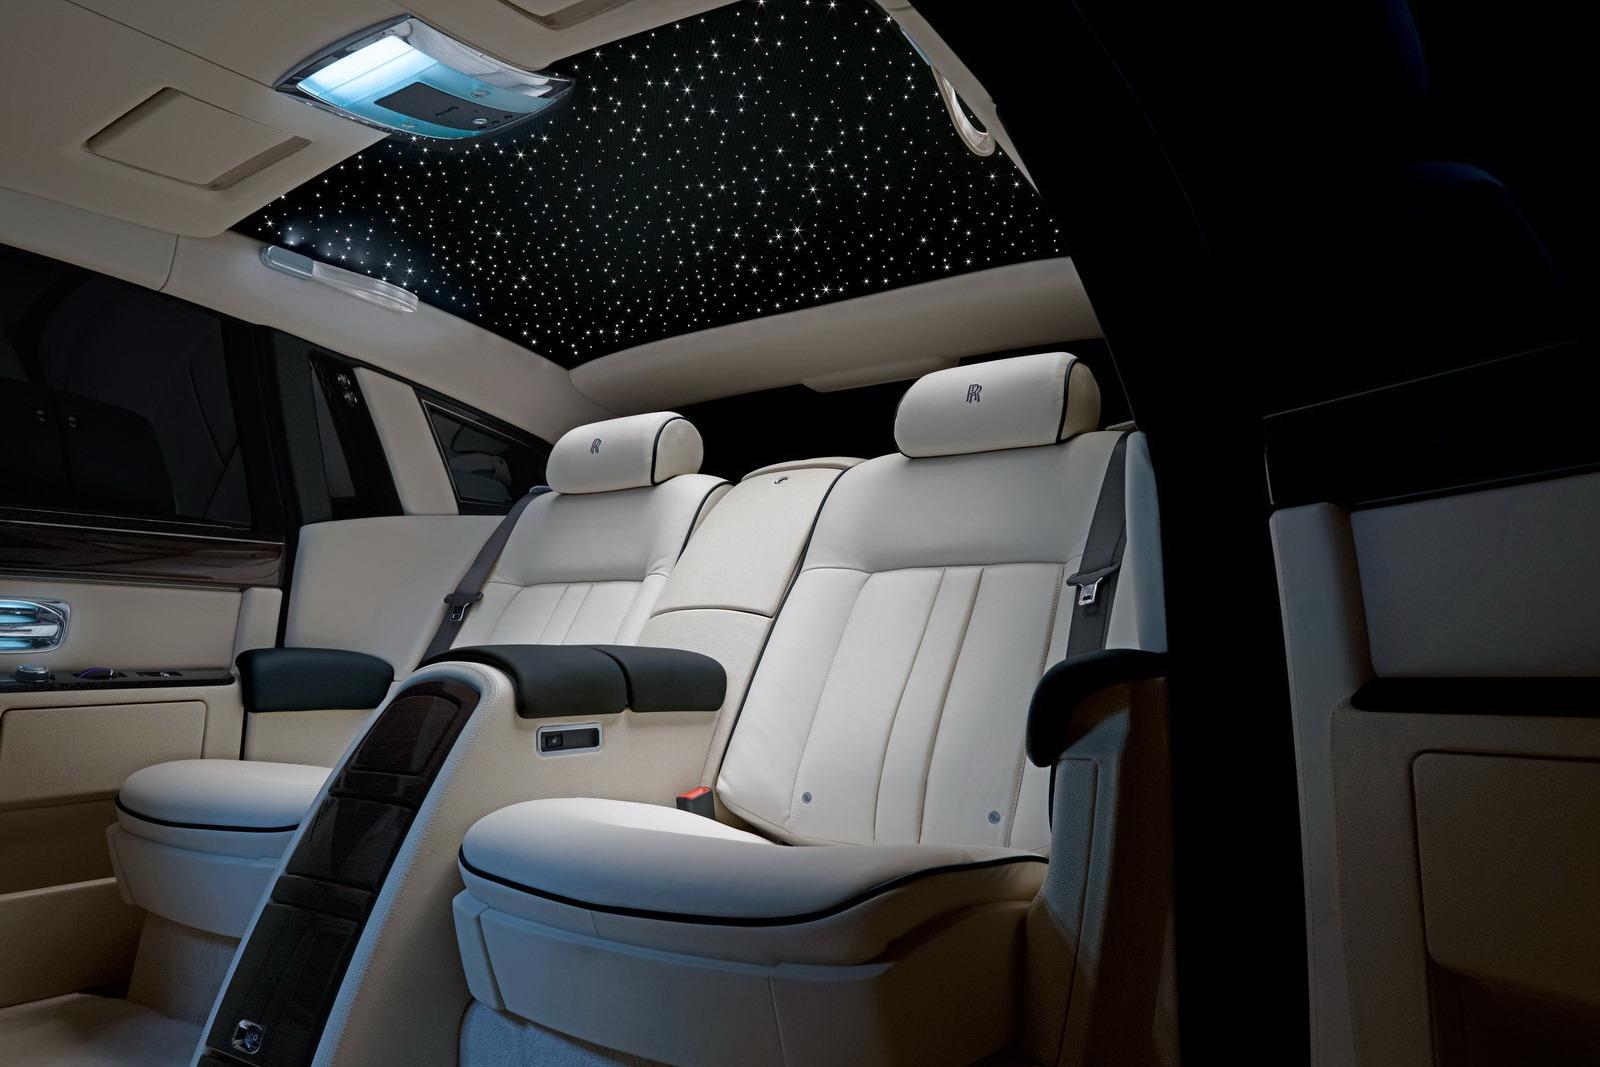 Rolls Royce Phantom Interior Car Models